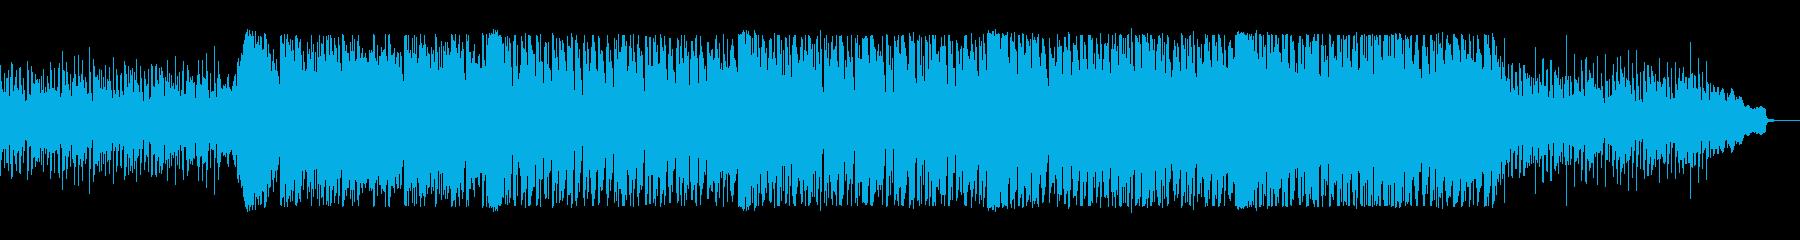 明るく軽やかなリズムとメロディのポップスの再生済みの波形